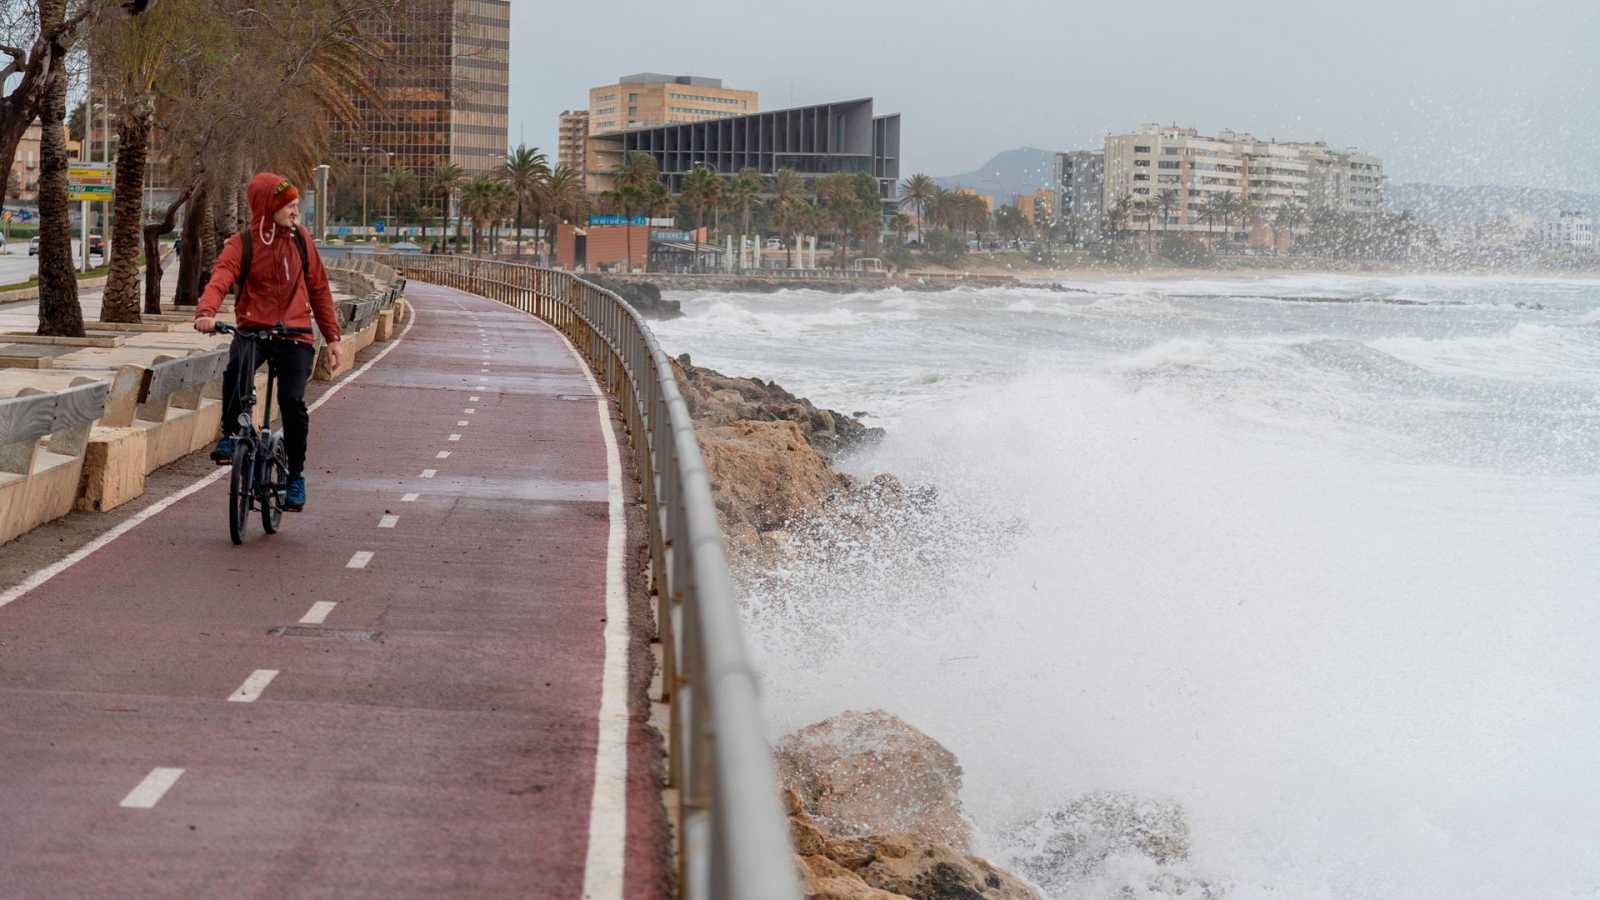 Vientos fuertes o muy fuertes en amplias zonas de la Península y Baleares - Ver ahora